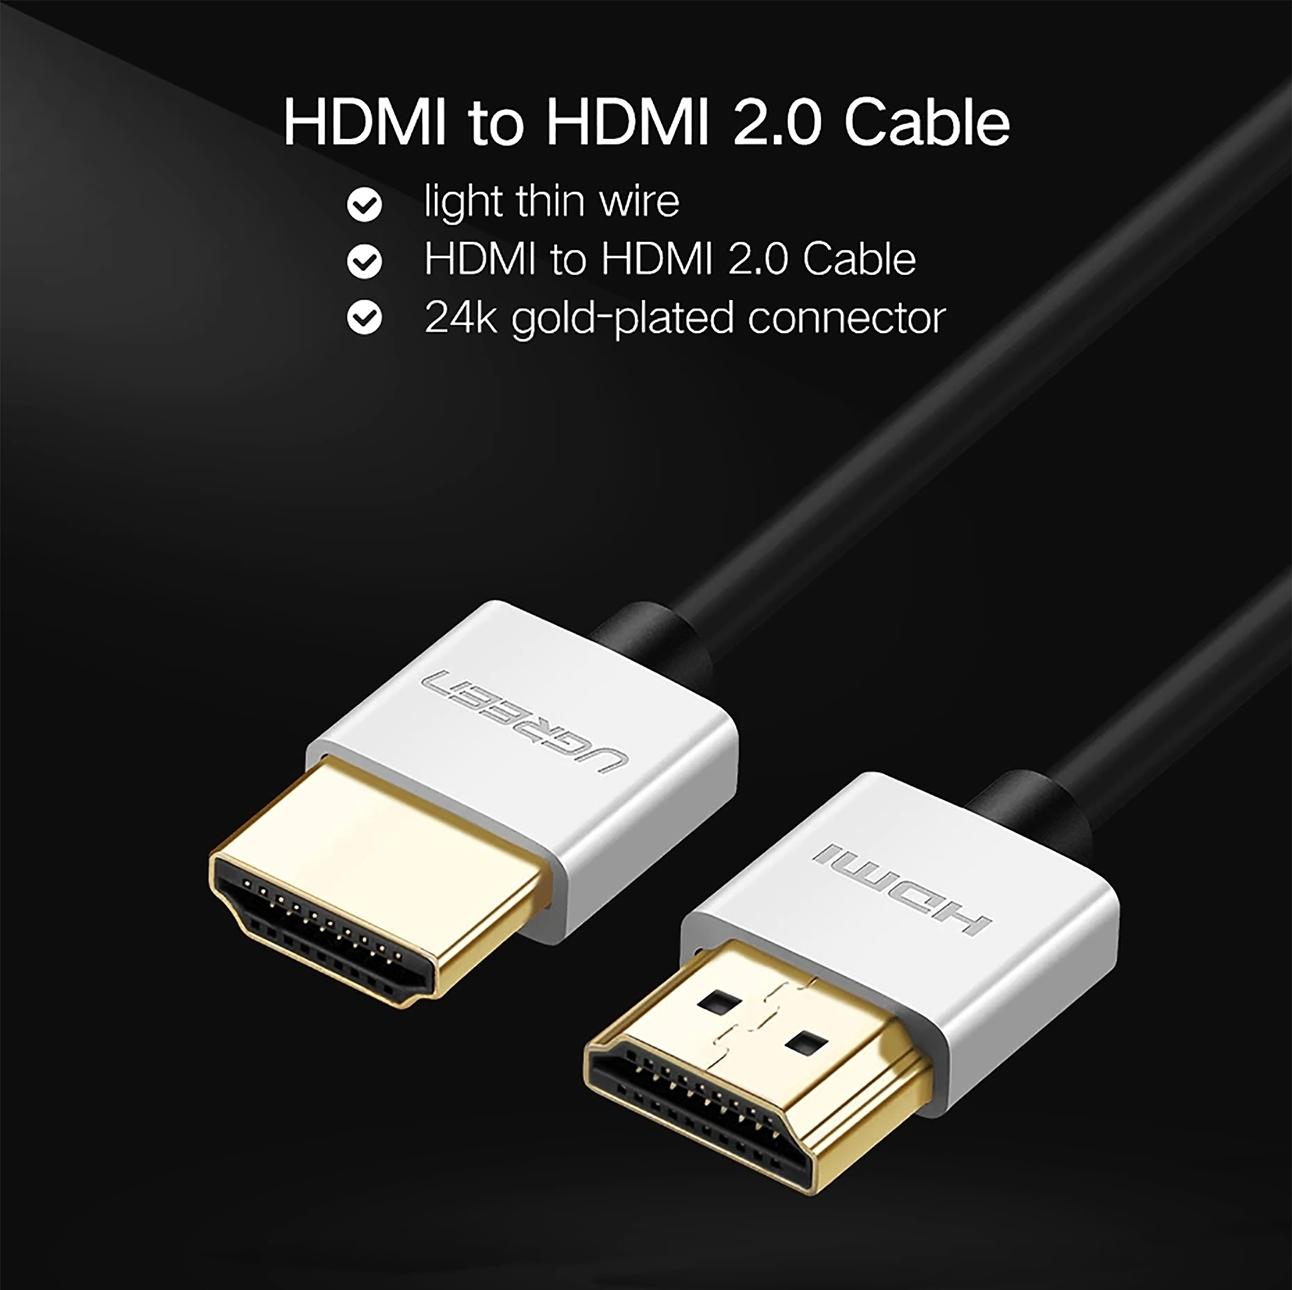 Cáp HDMI dài 10M siêu mỏng hỗ trợ 4K Ugreen 50306